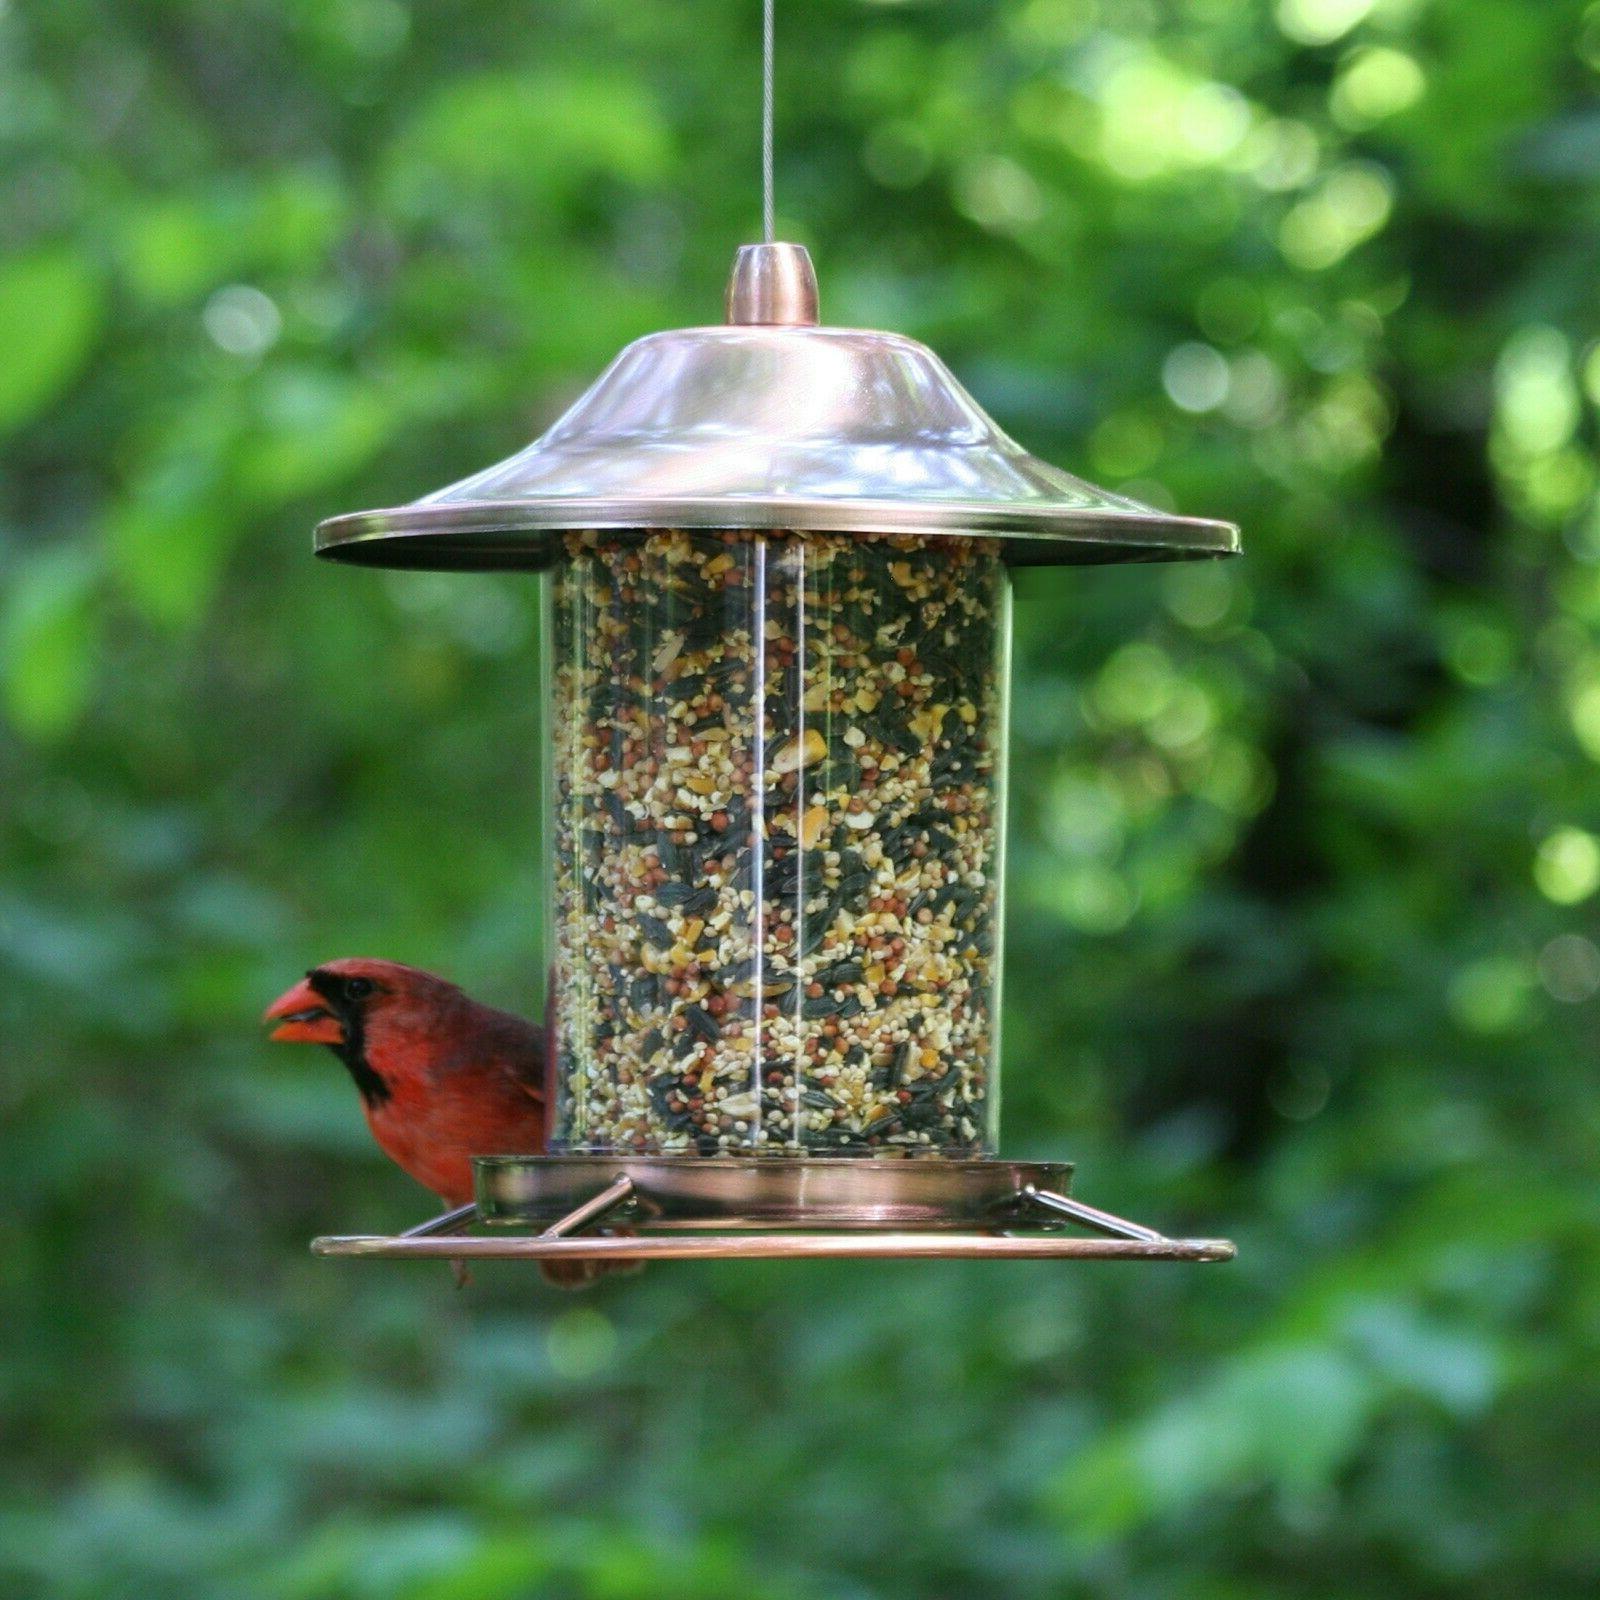 2 Lb Feeder Garden Seed Feed Dispenser Circular Perch